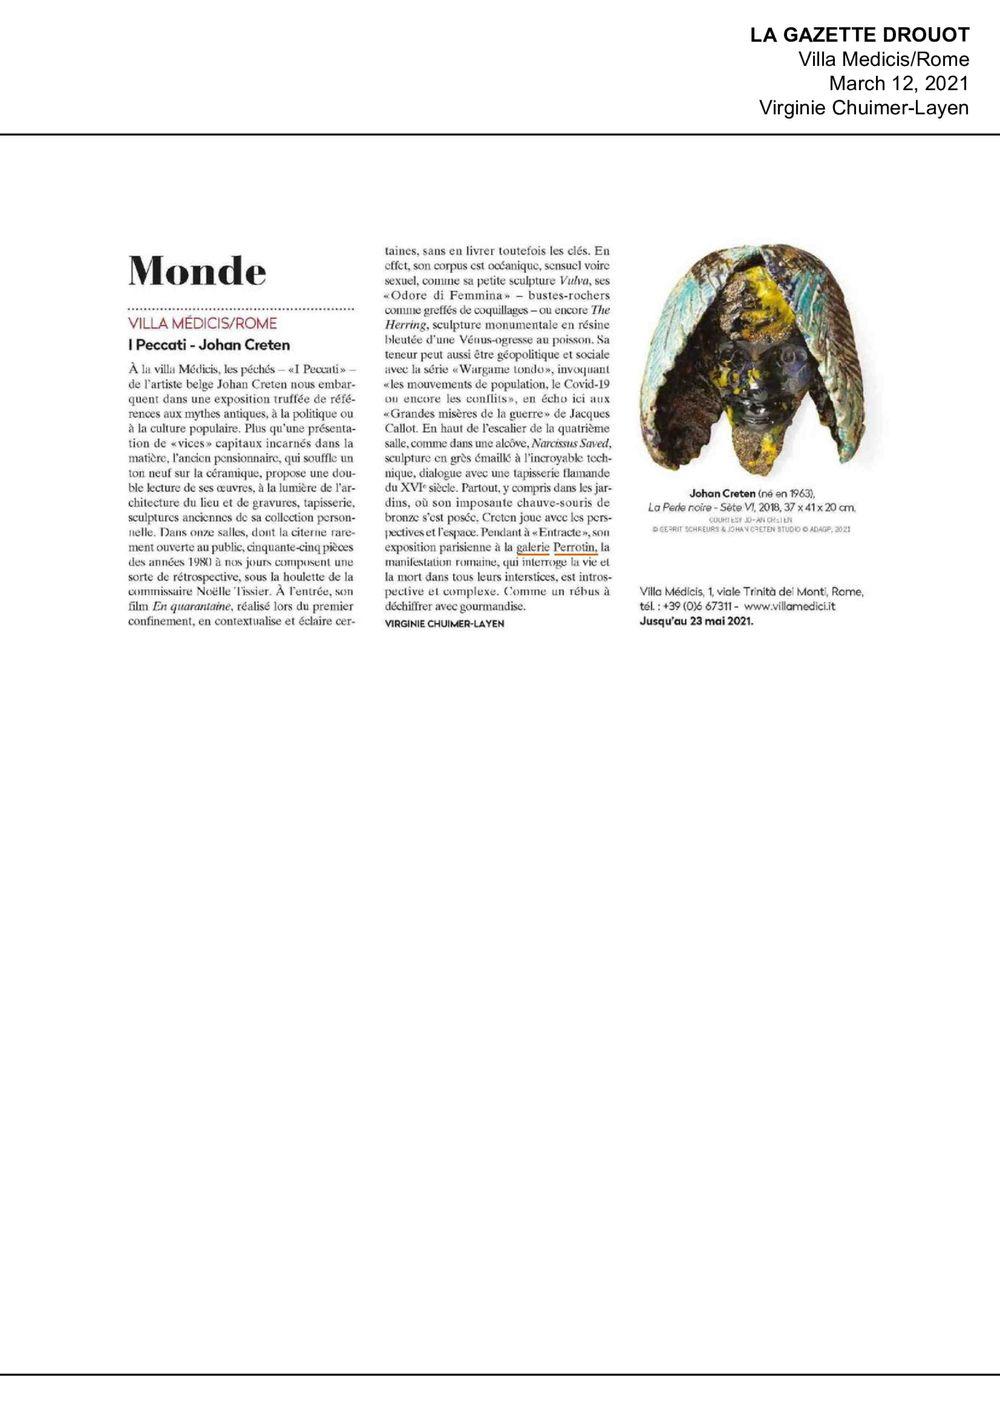 La Gazette Drouot | 約翰·克瑞坦